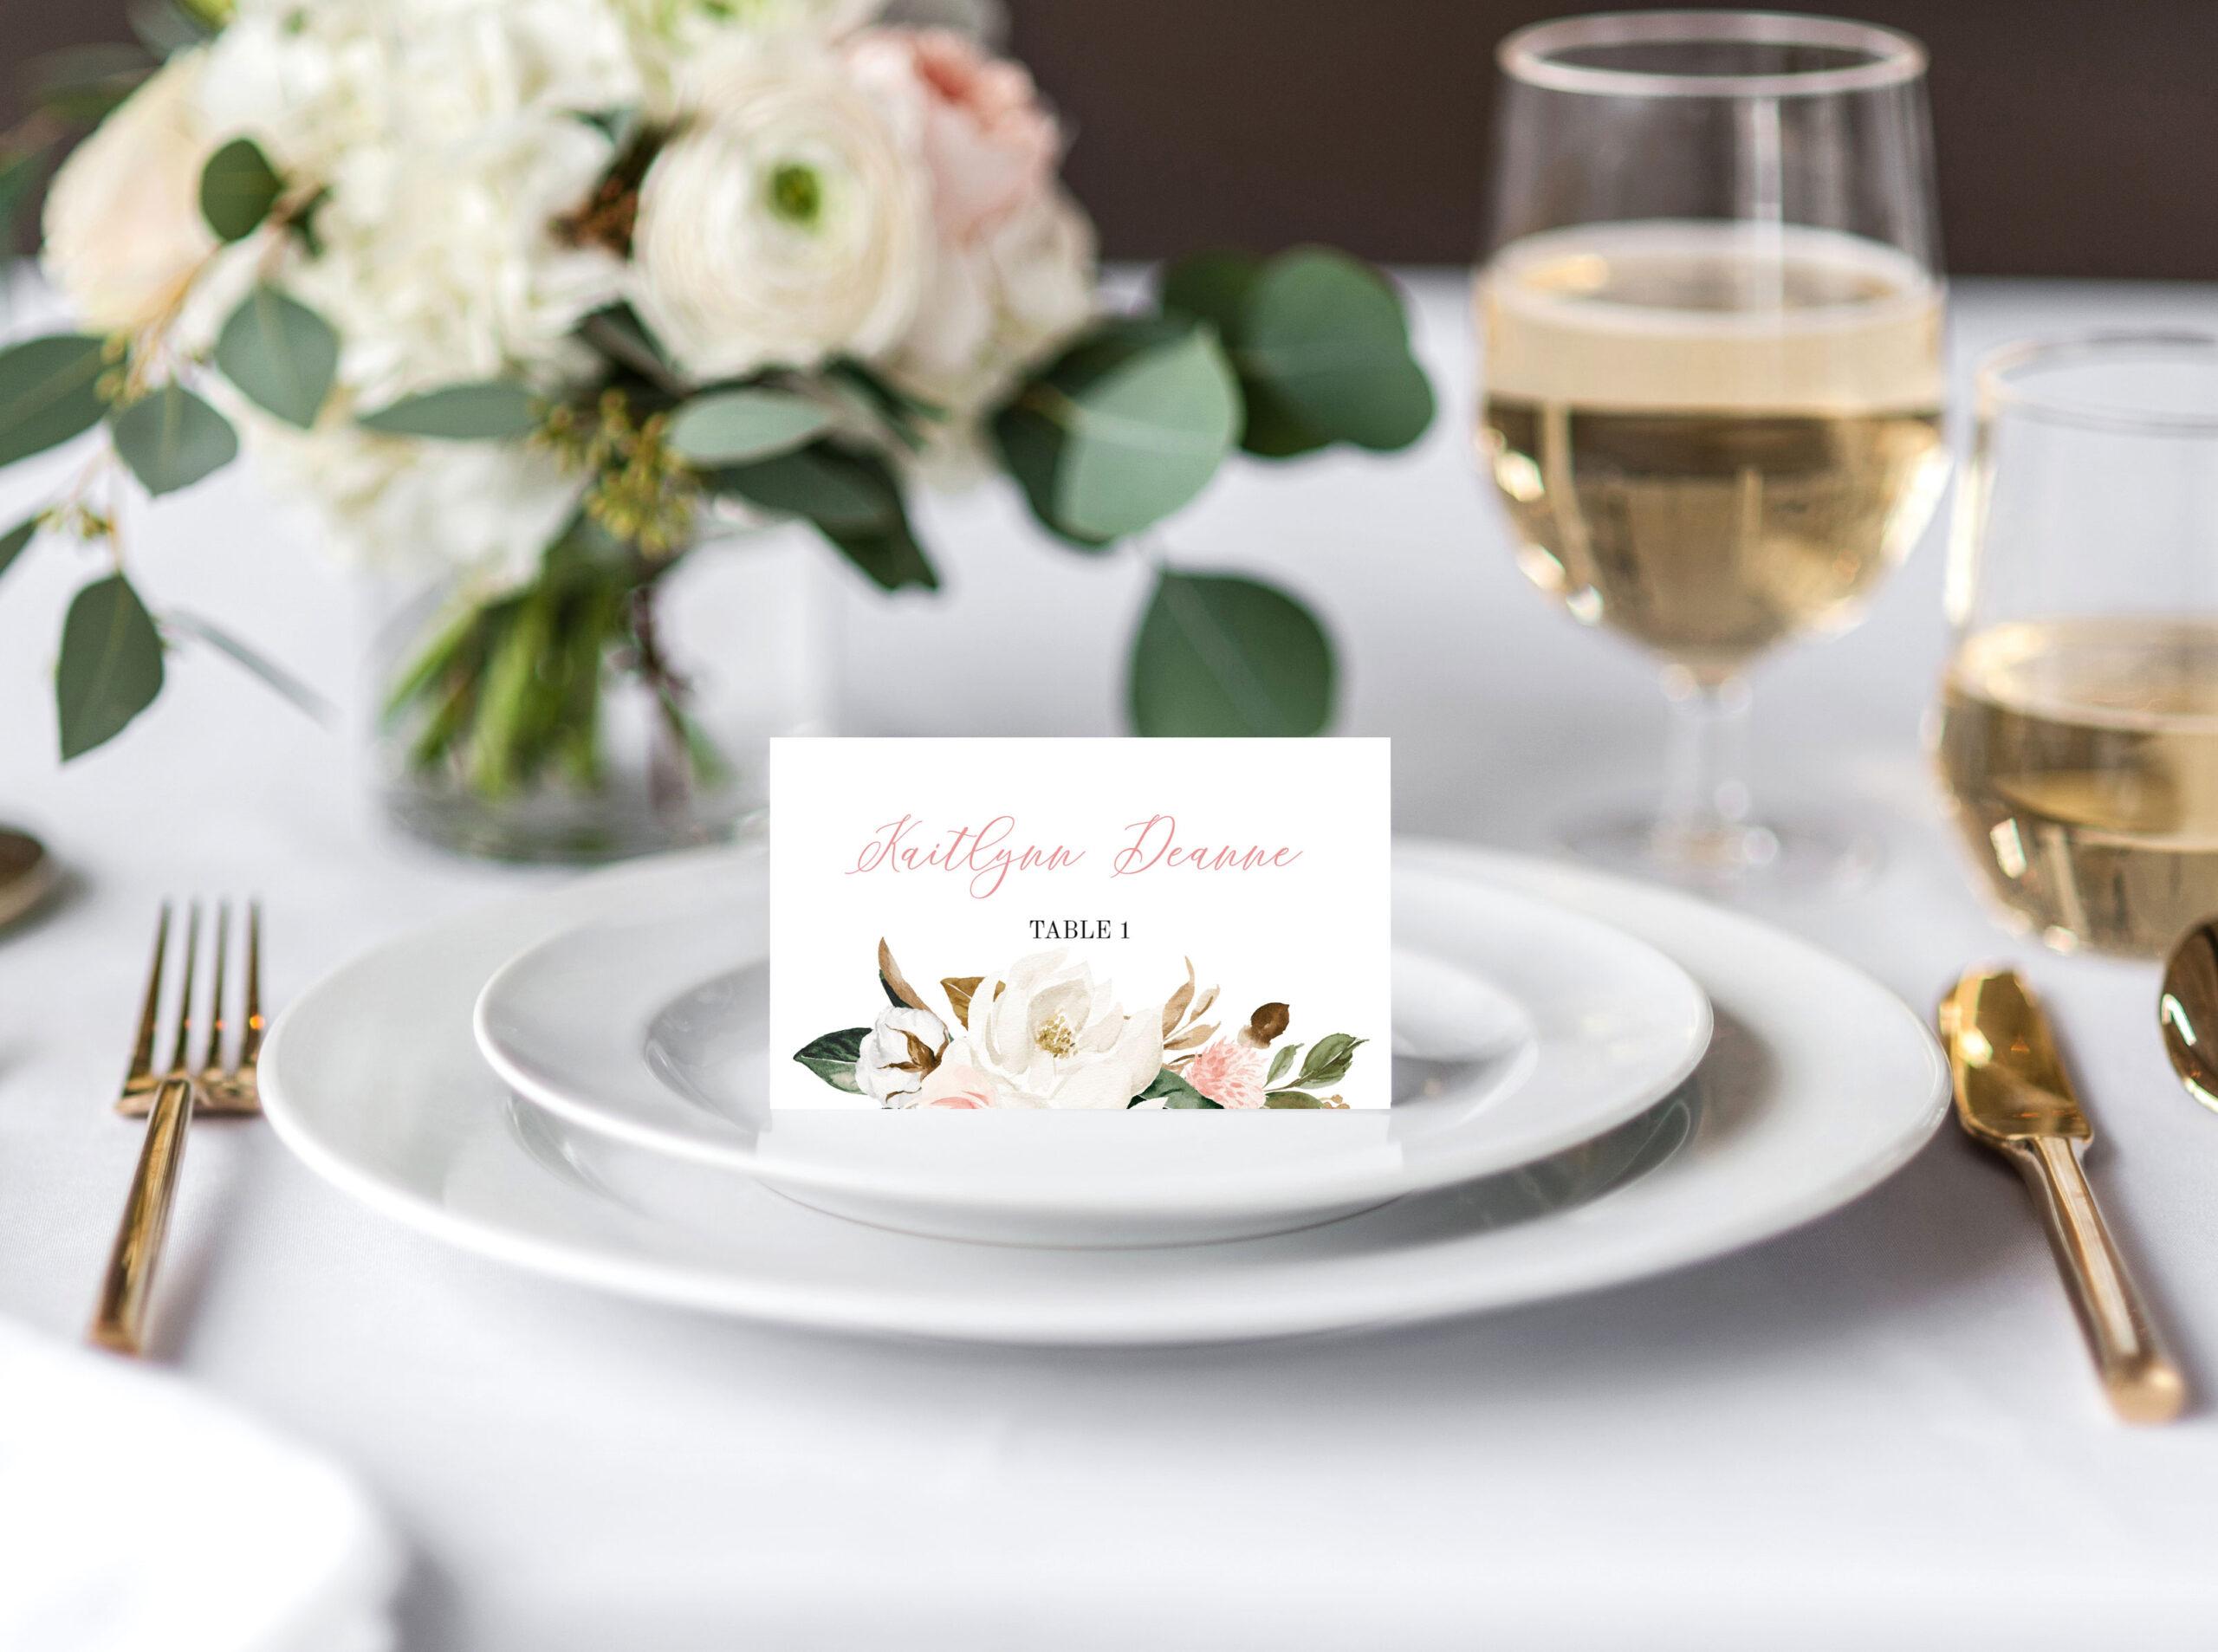 magnolia-name-card-1